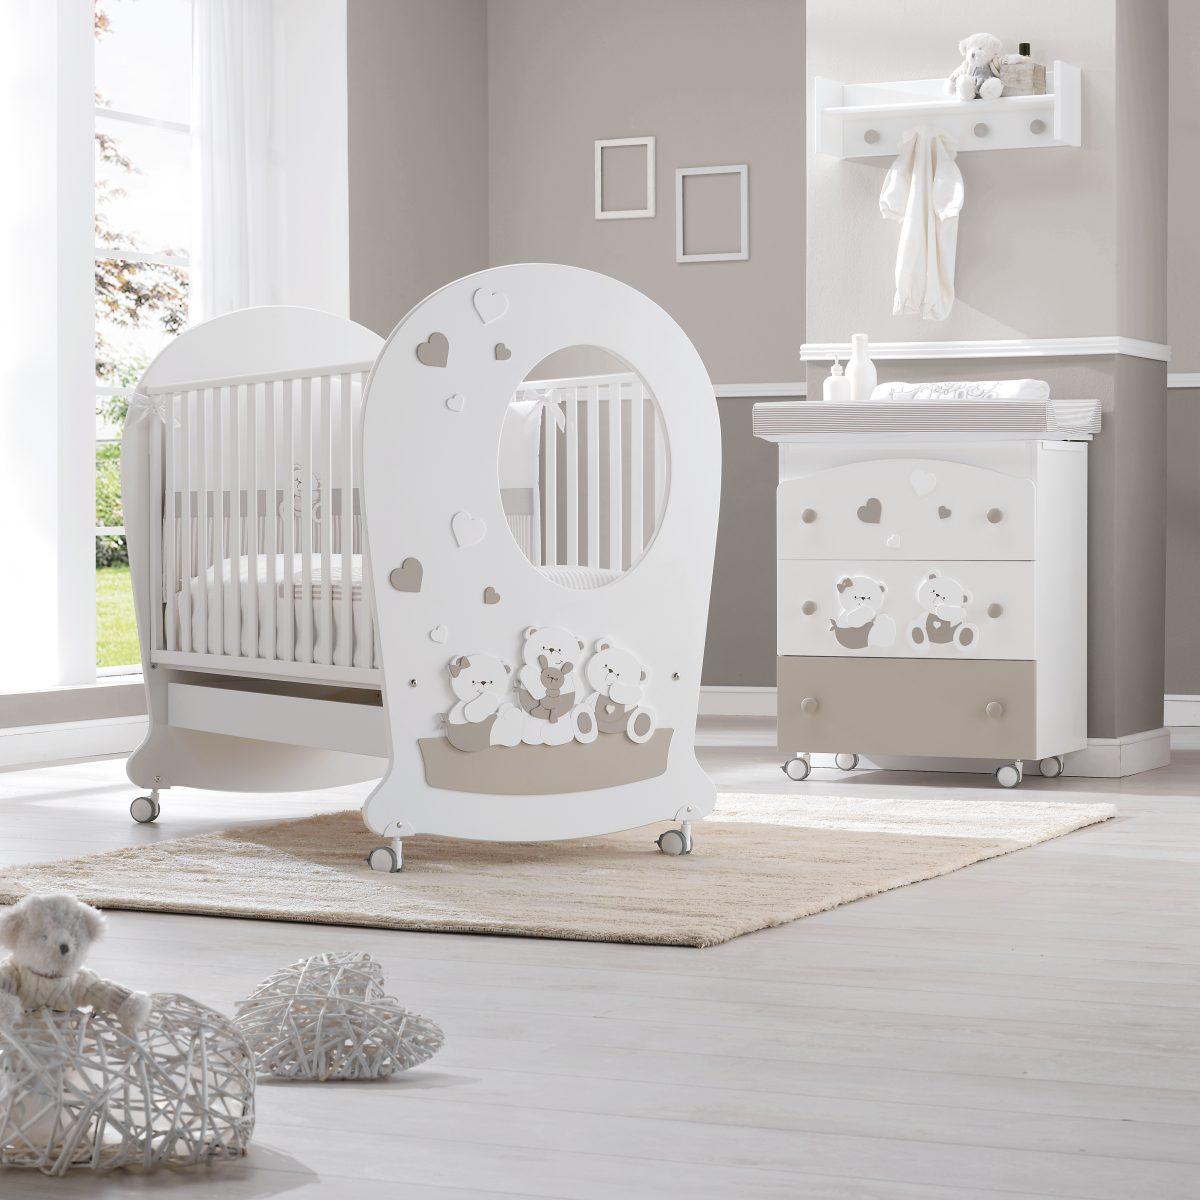 luxusní dětský nábytek - pohádkový dětský pokoj Mirtillone